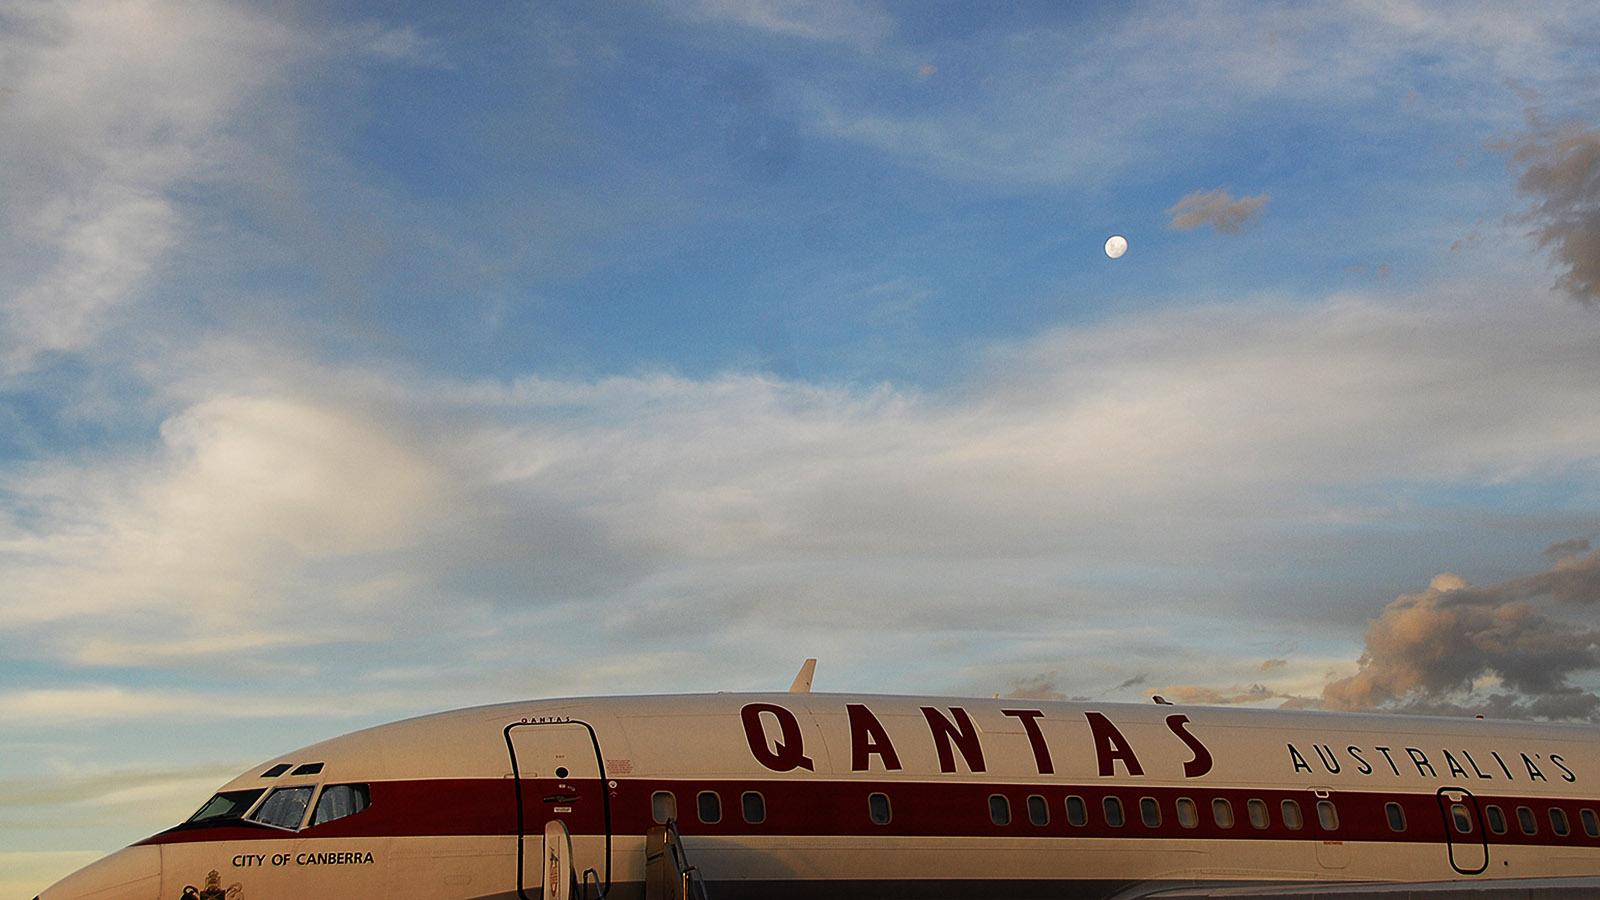 Auf dem Freigelände des Qantas Founders Museums von Longreach: eine Boeing 707. Foto: Hilke Maunder